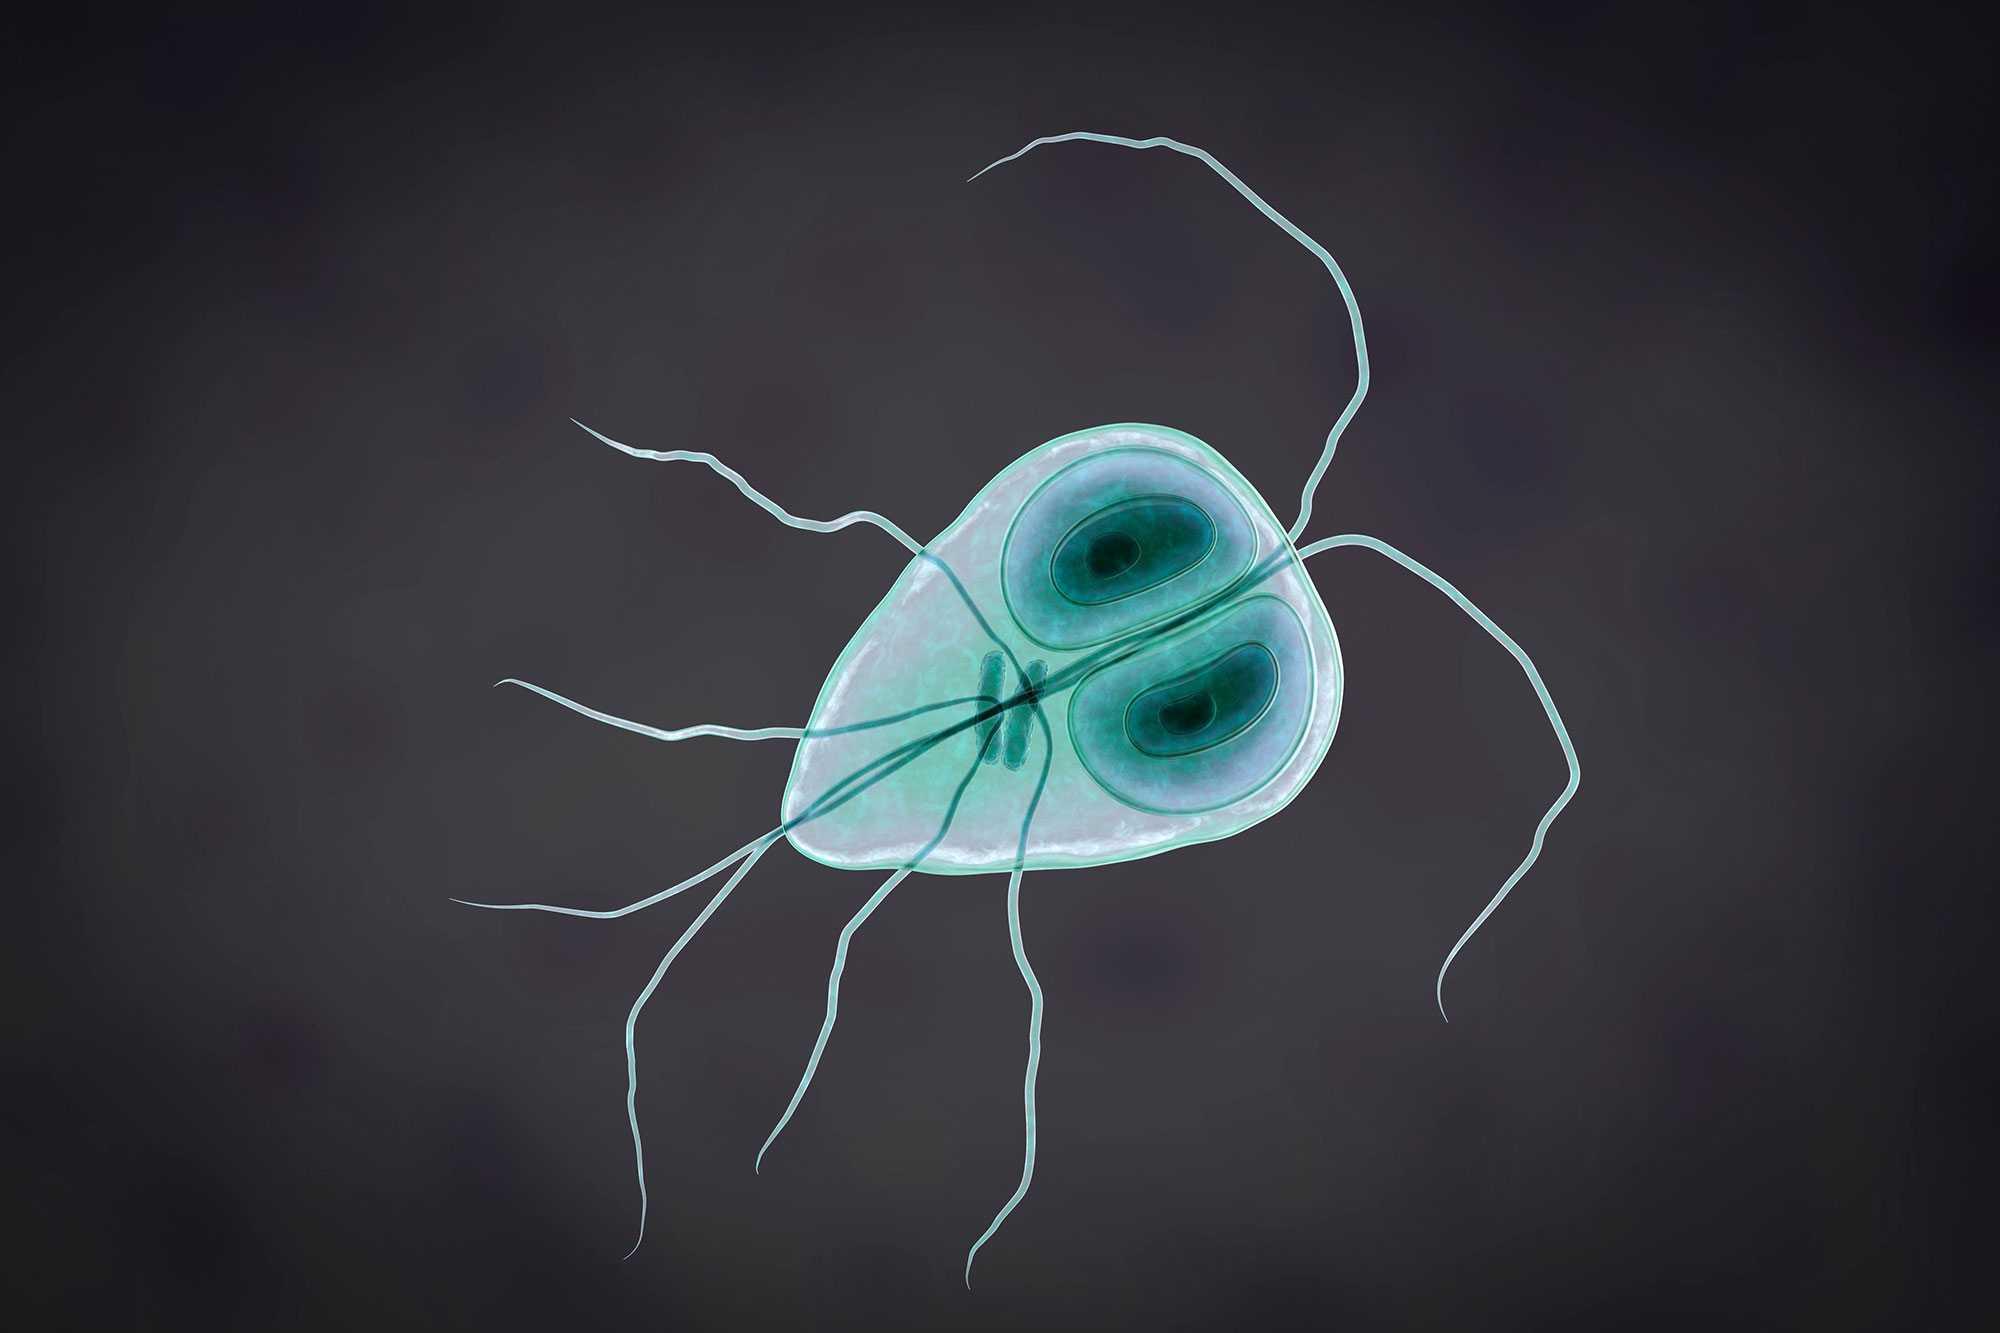 parazita kutatások